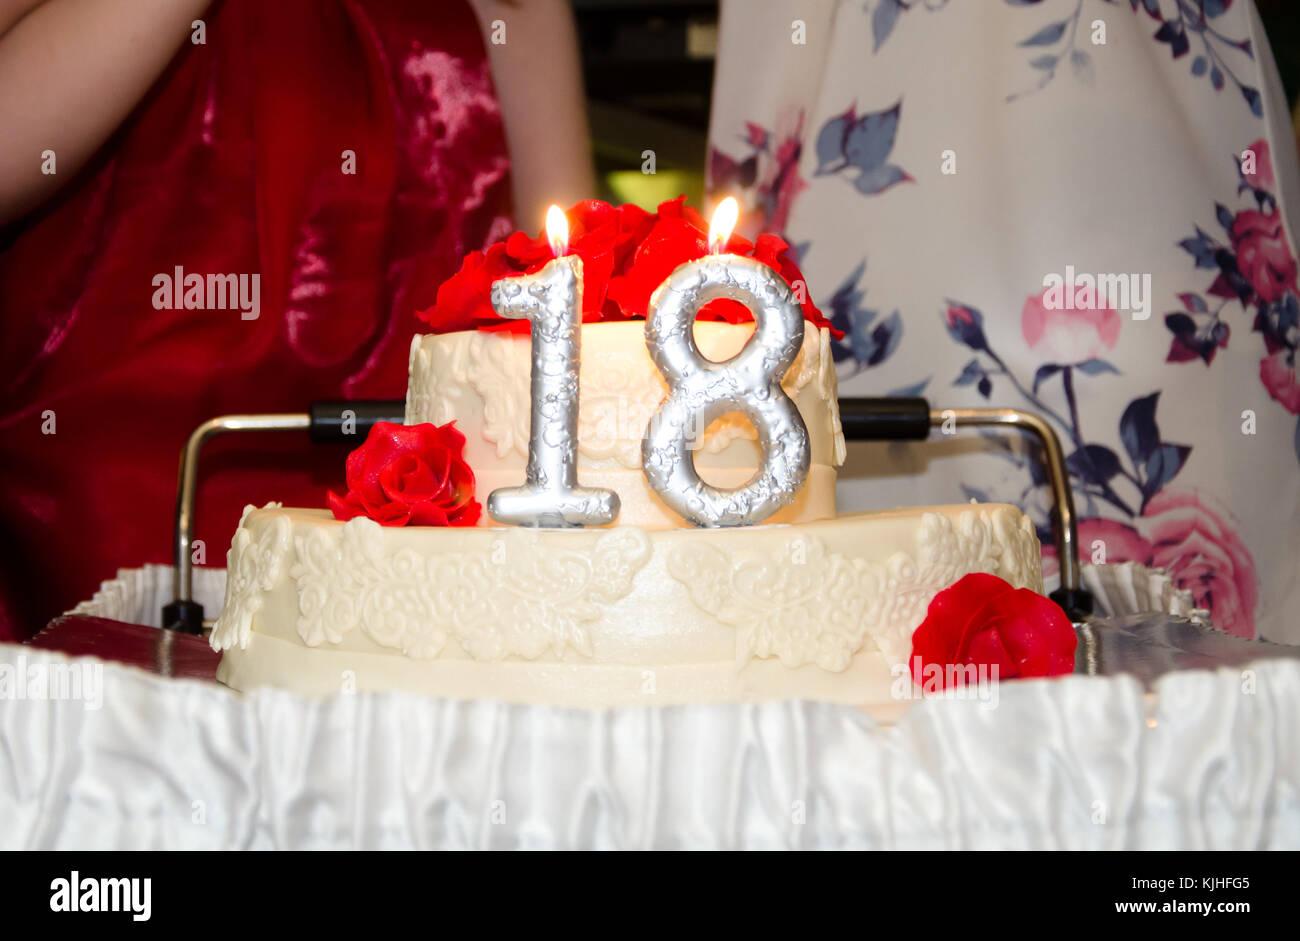 Schonen Geburtstagskuchen Mit Silber Brennende Kerzen Nummer 18 Nahaufnahme Stockbild